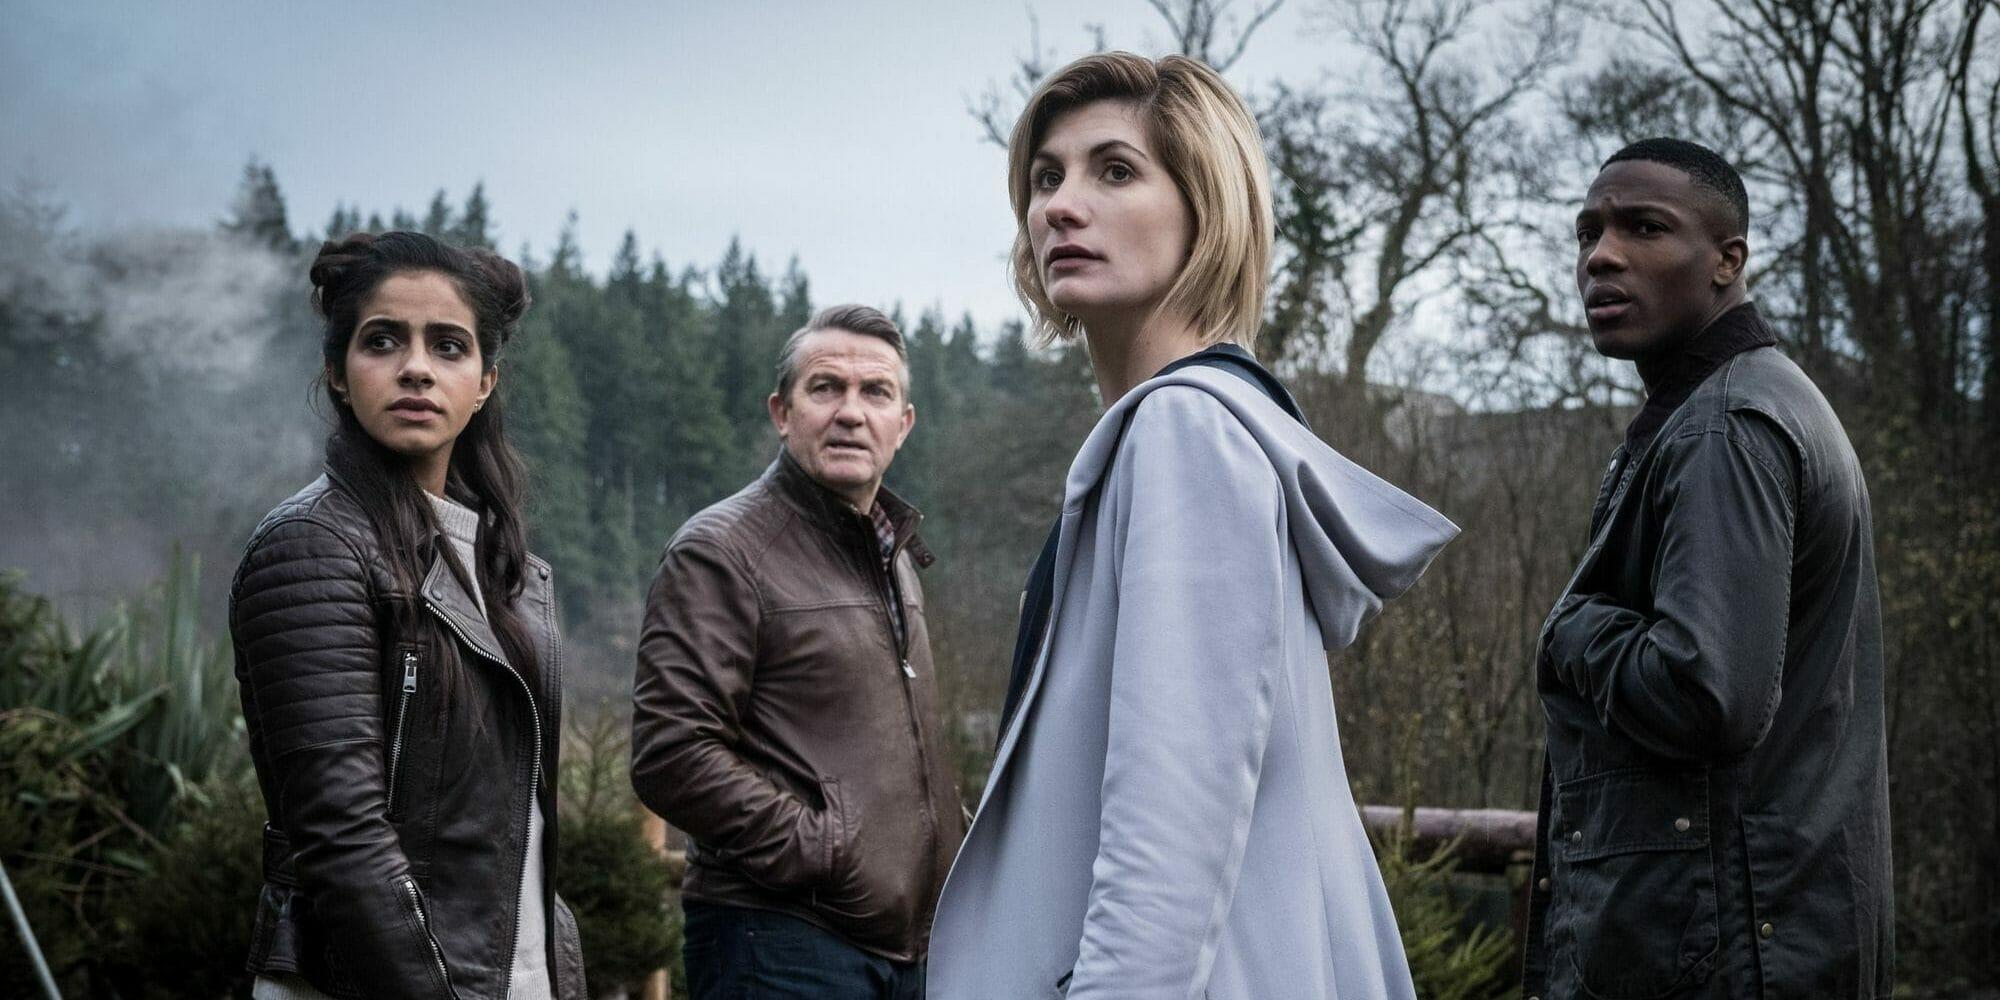 ¡El primer capítulo de la nueva temporada de Doctor Who llegará a cines mexicanos!